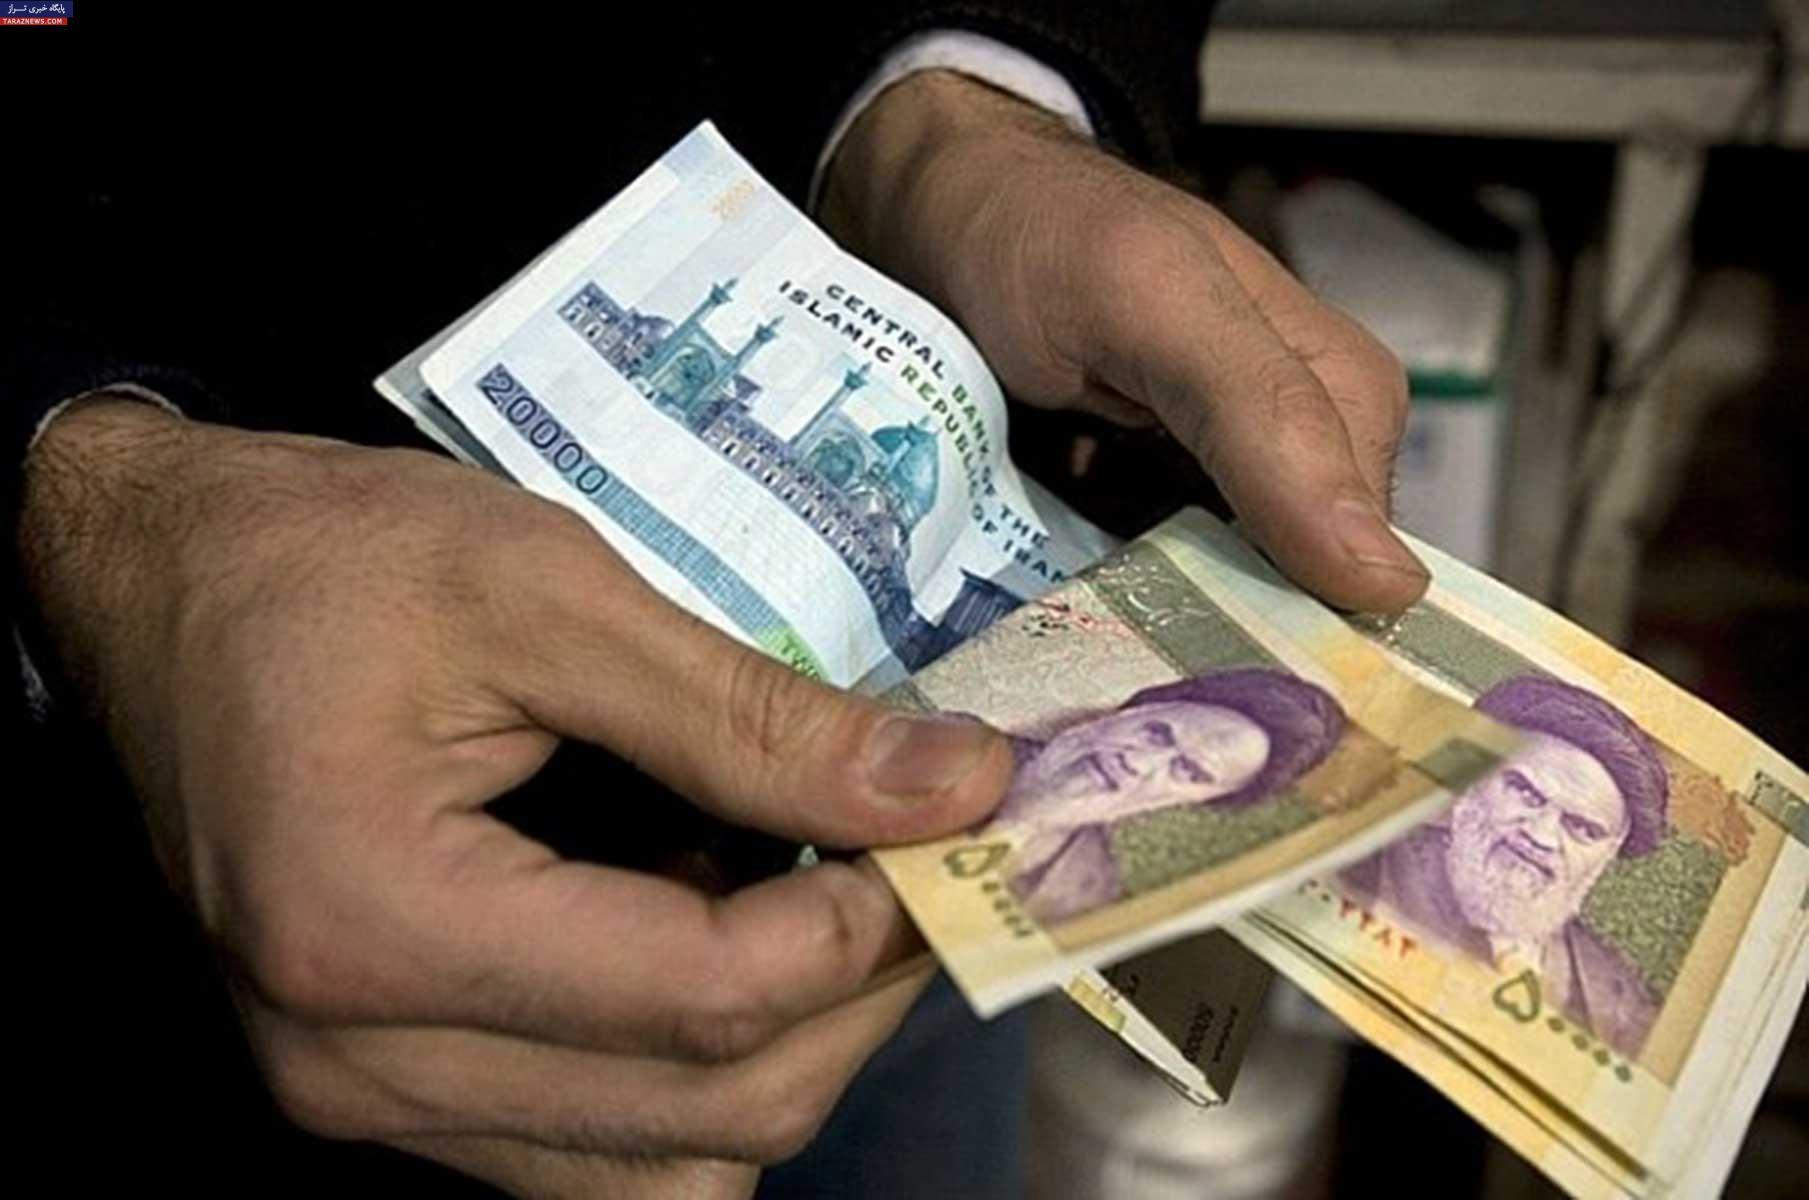 آیا پس از توافق هستهای معیشت مردم بهتر شد؟/ در دولت روحانی فقط سیبزمینی ارزان شد